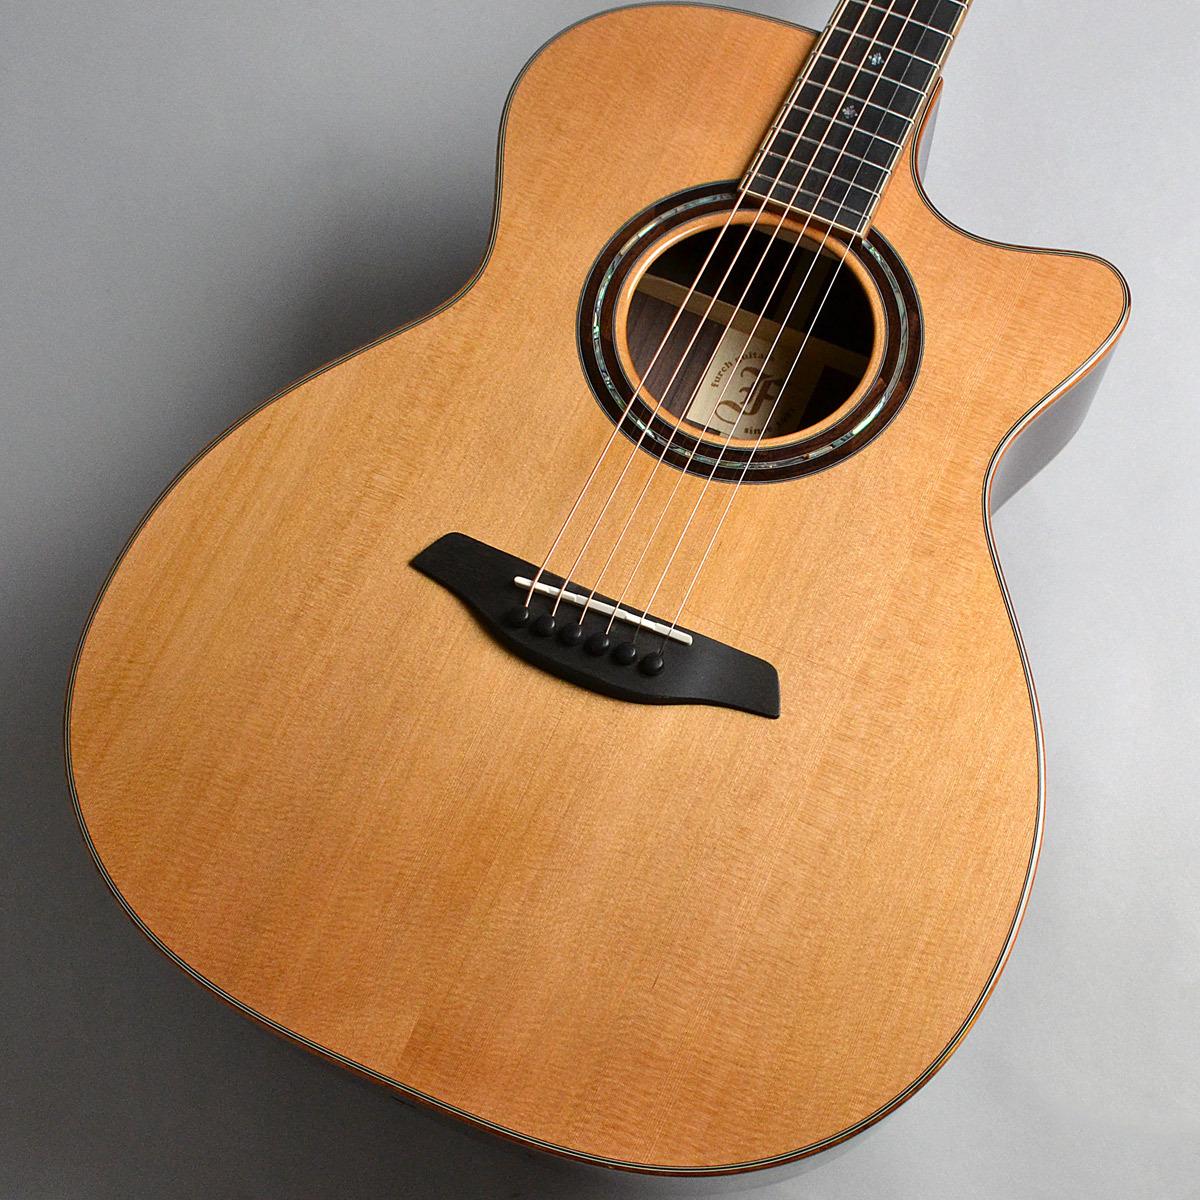 FURCH OM27-CRCT Custom アコースティックギター 【フォルヒ】【新宿PePe店】【限定モデル】